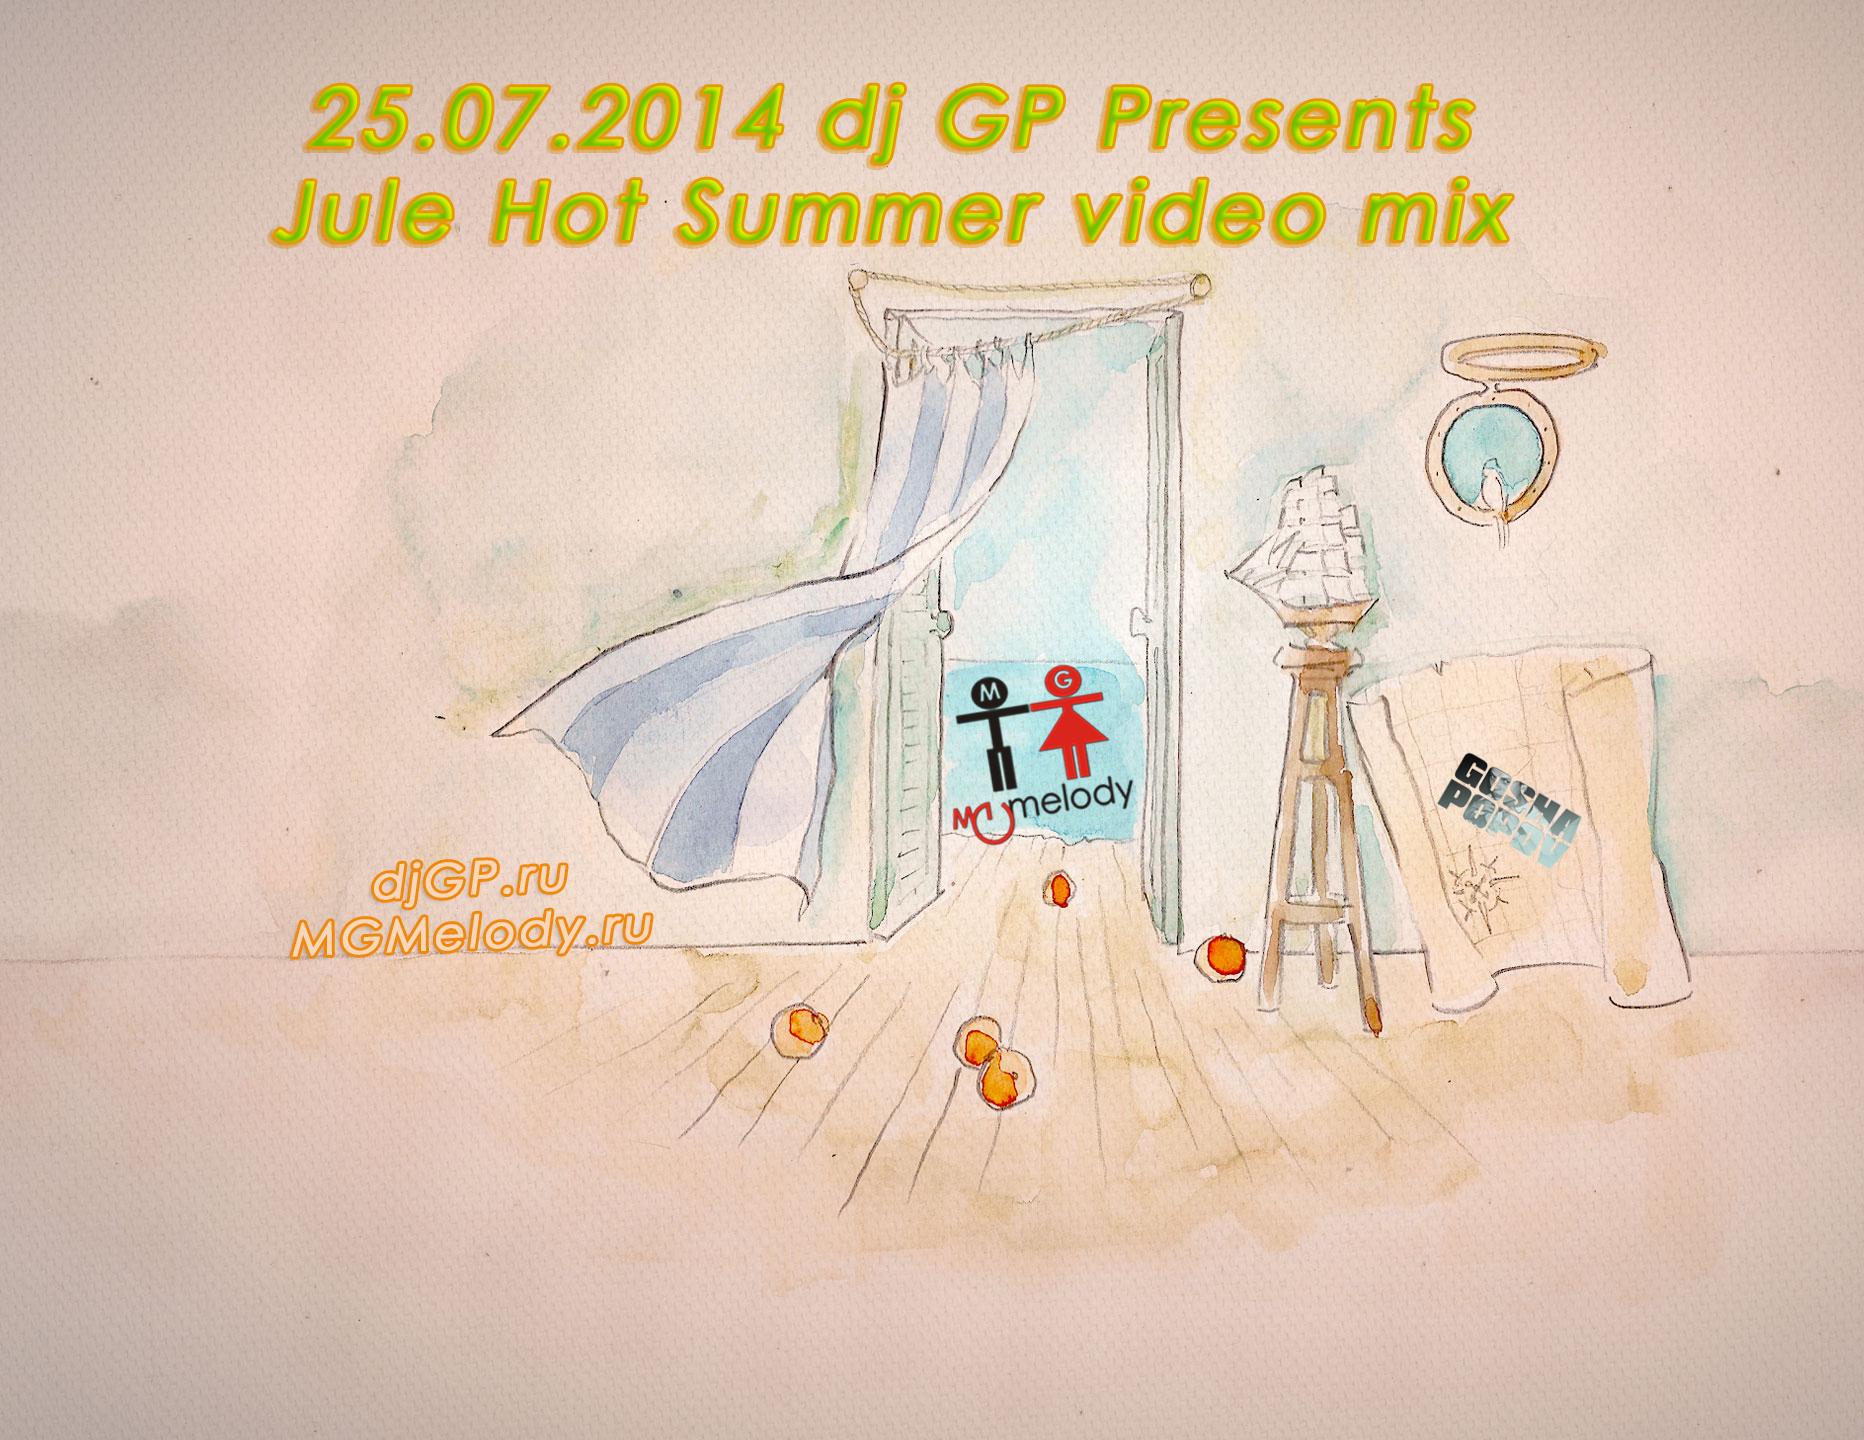 25.07.2014 dj GP Presents Jule Hot Summer video mix